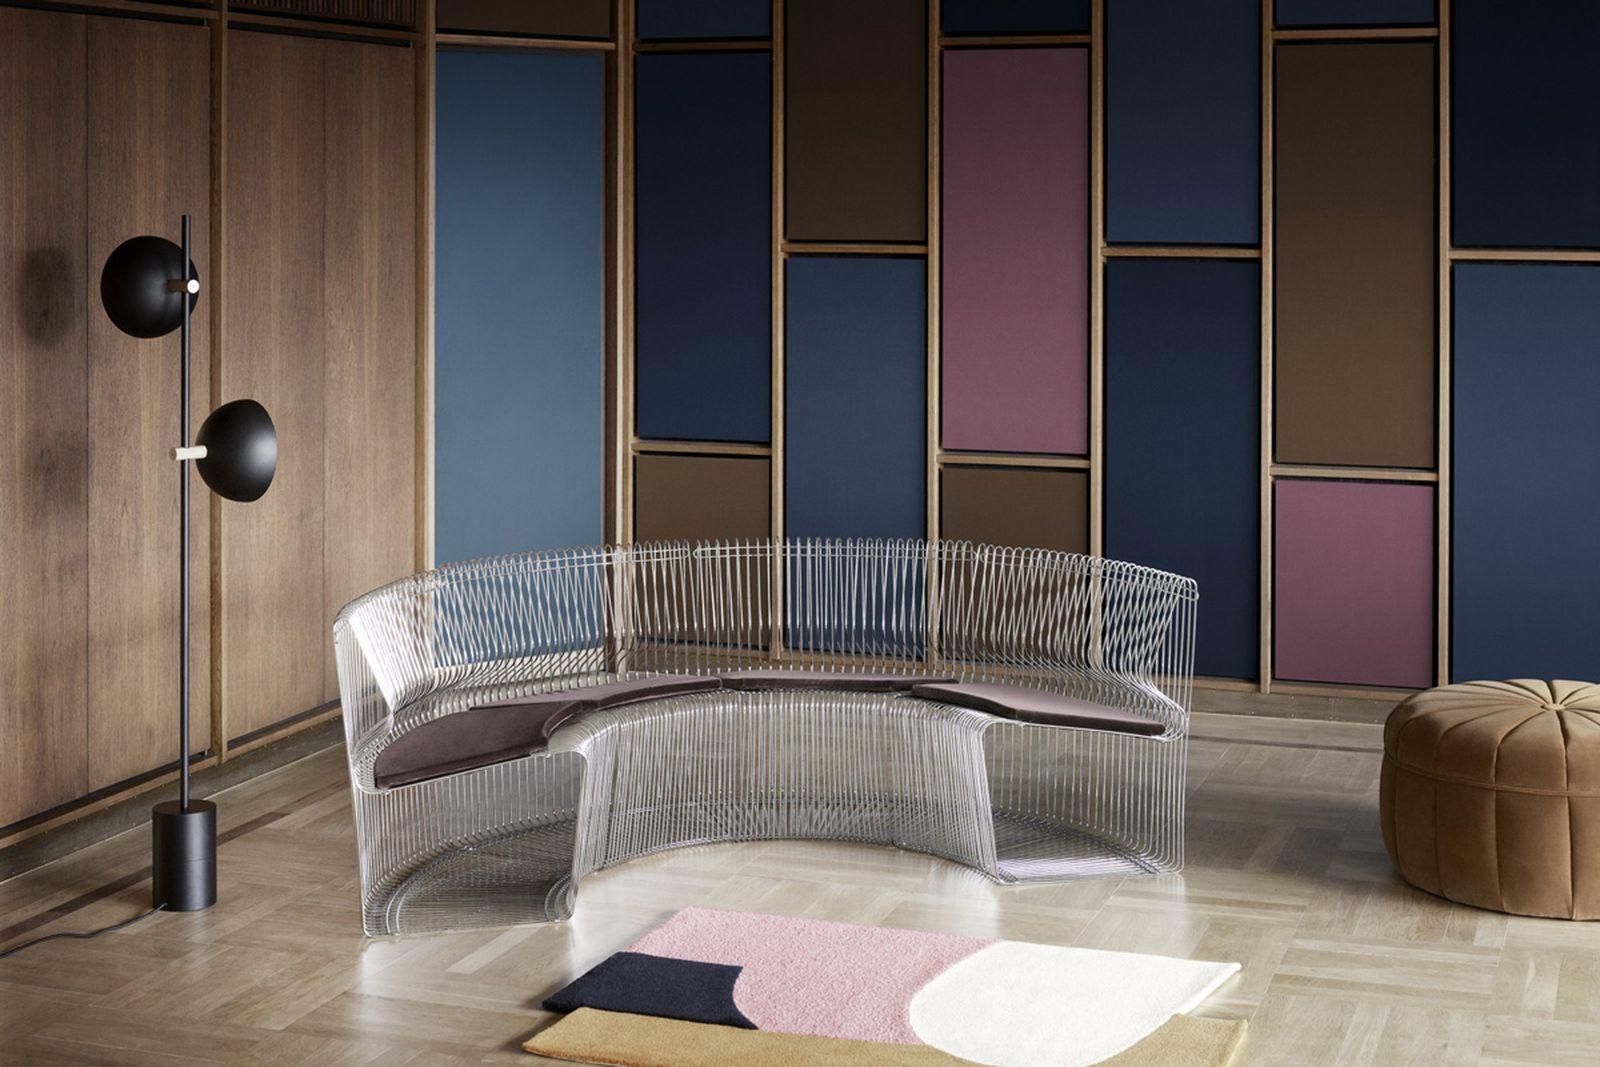 pantonova chair Milan Design Week 2019 salone del mobile